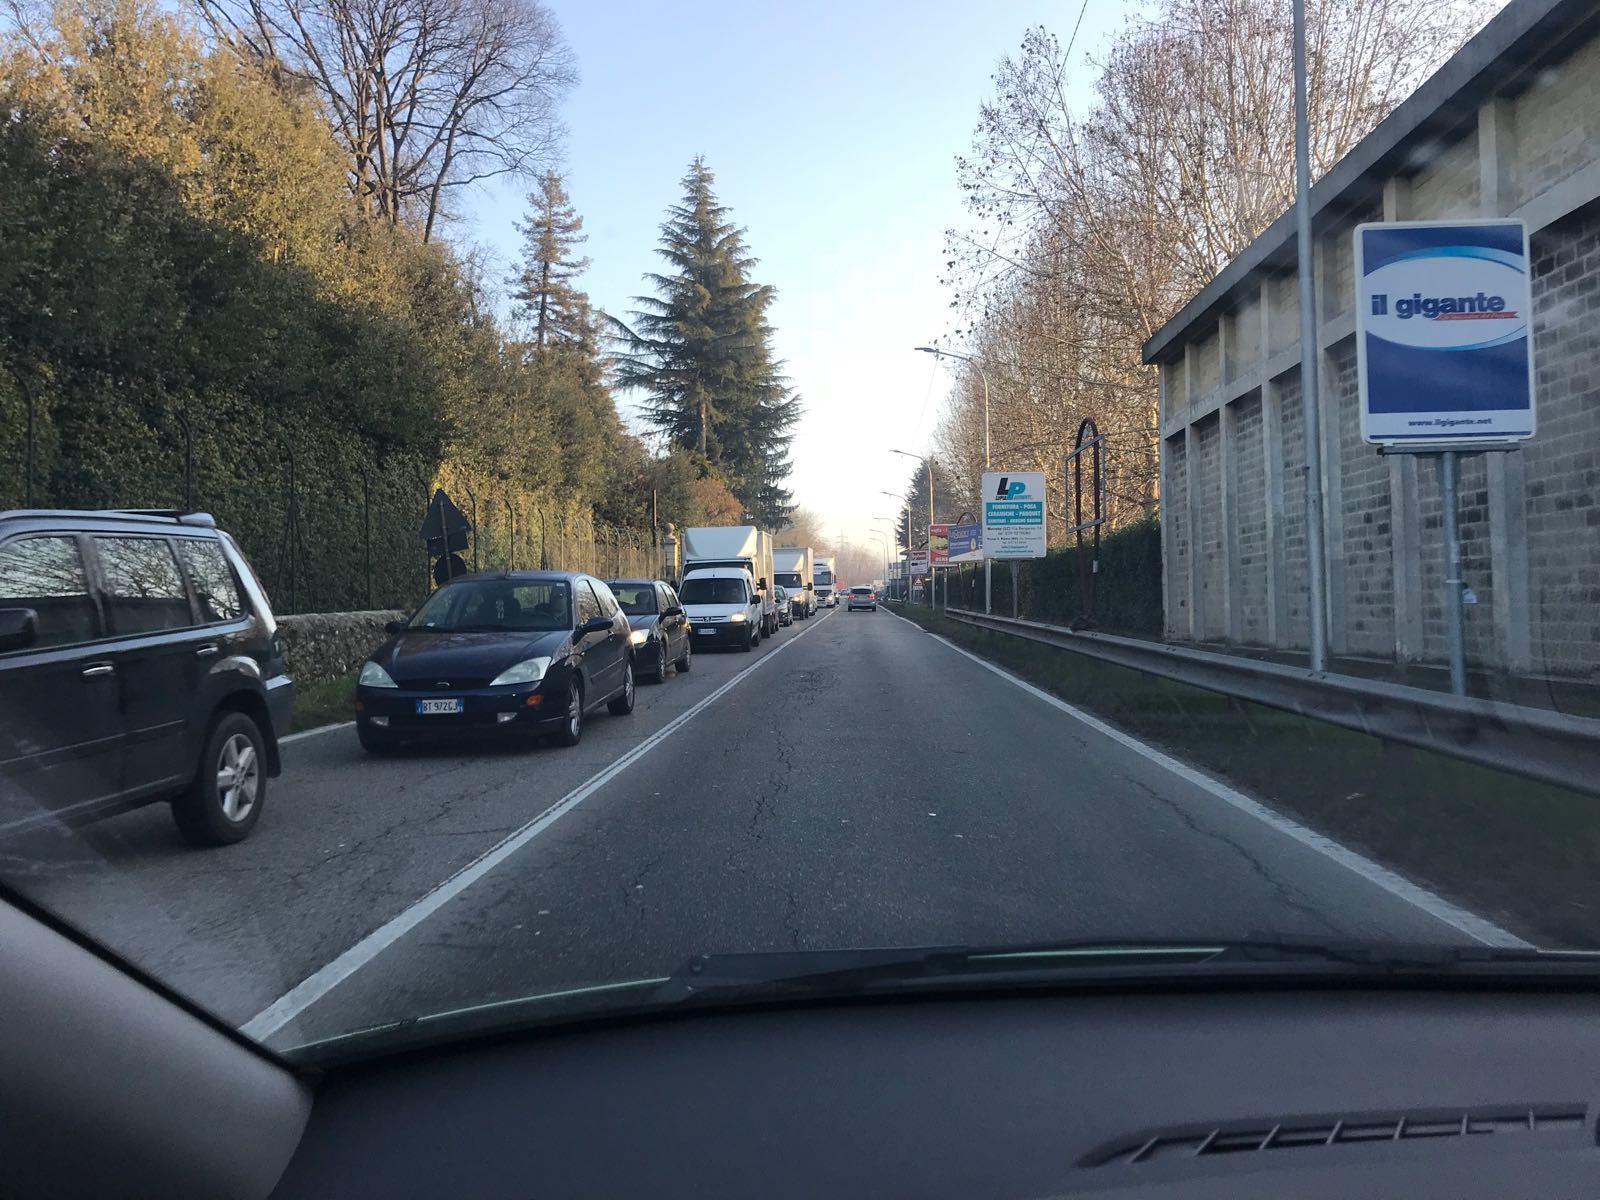 Tangenziale est all'altezza di Vimercate bloccata per incidente